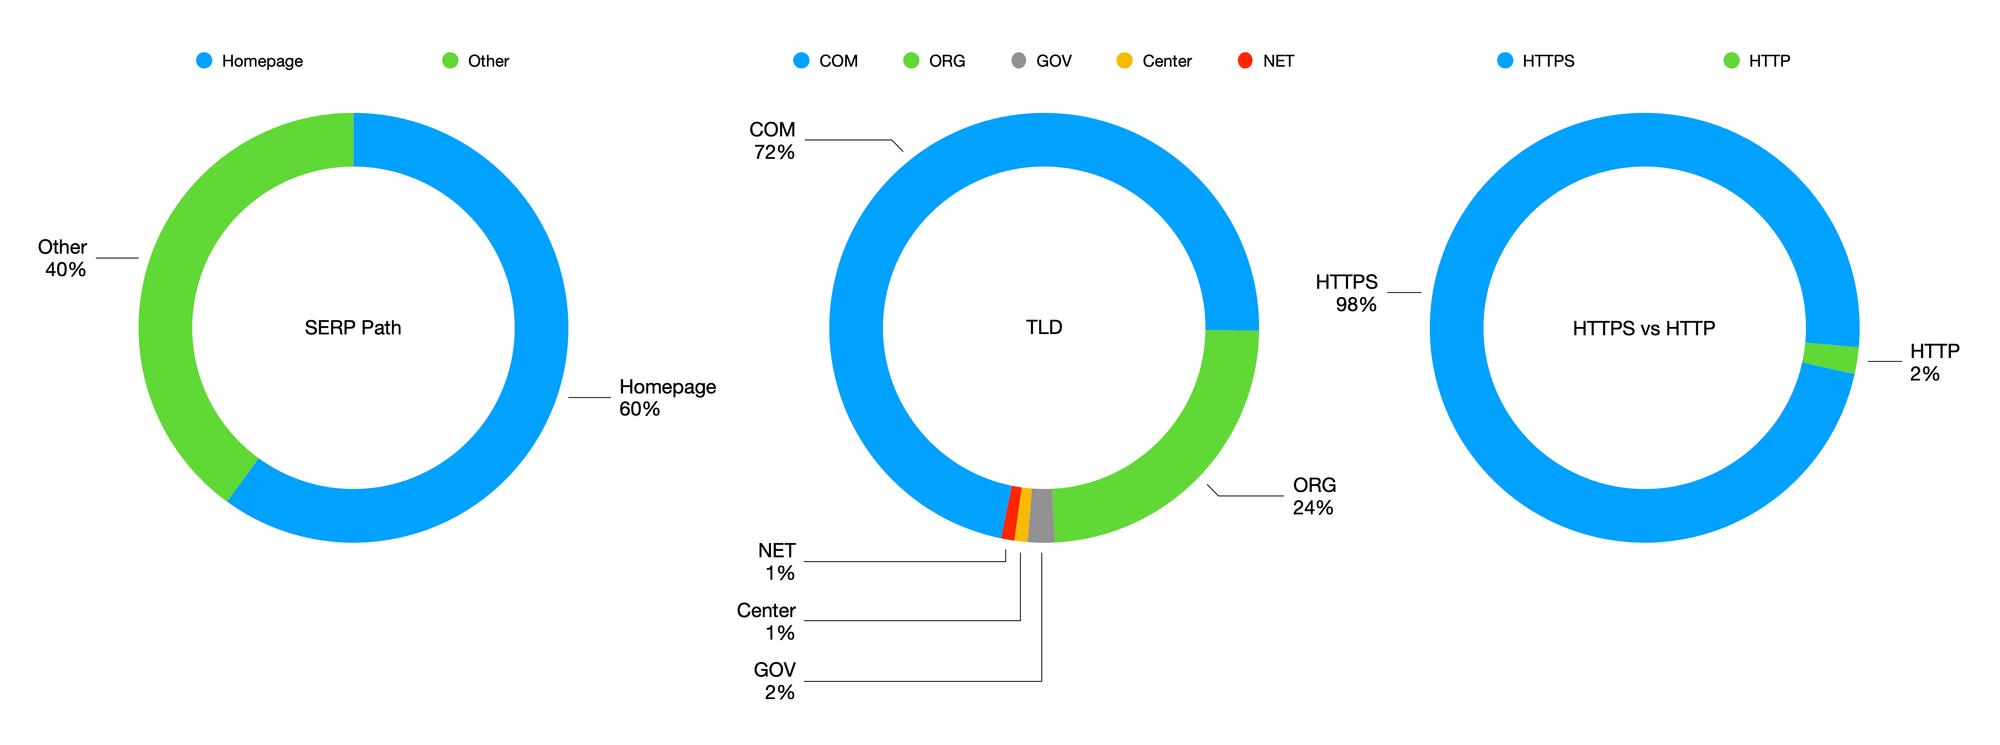 Domain name distribution